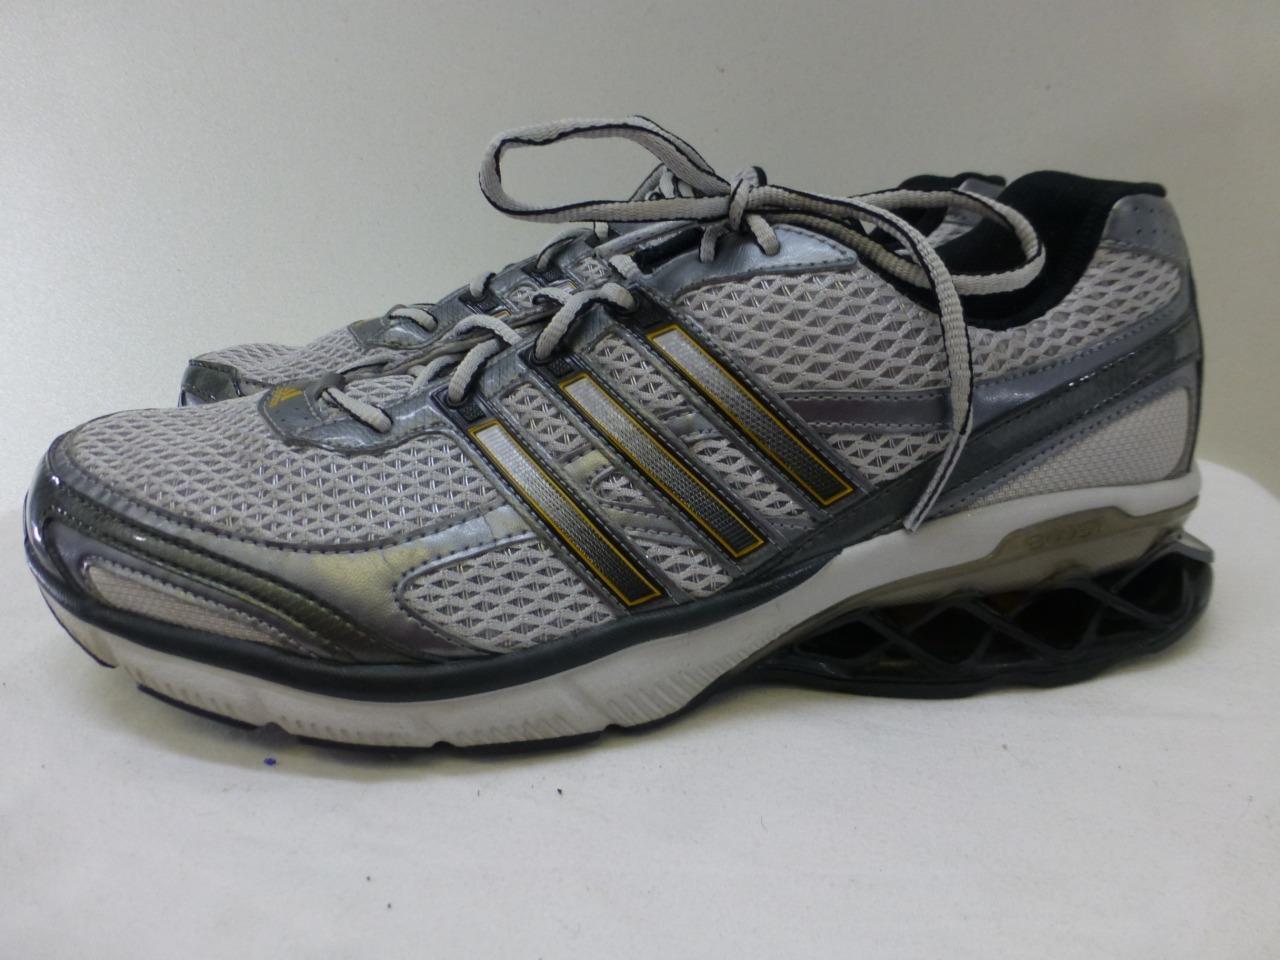 Adidas Boost gris Athletic 3 Stripes pista pista pista de Atletismo Zapatillas Sneakers Hombre 11,5 46 nuevos zapatos para hombres y mujeres, el limitado tiempo de descuento b5d9fe